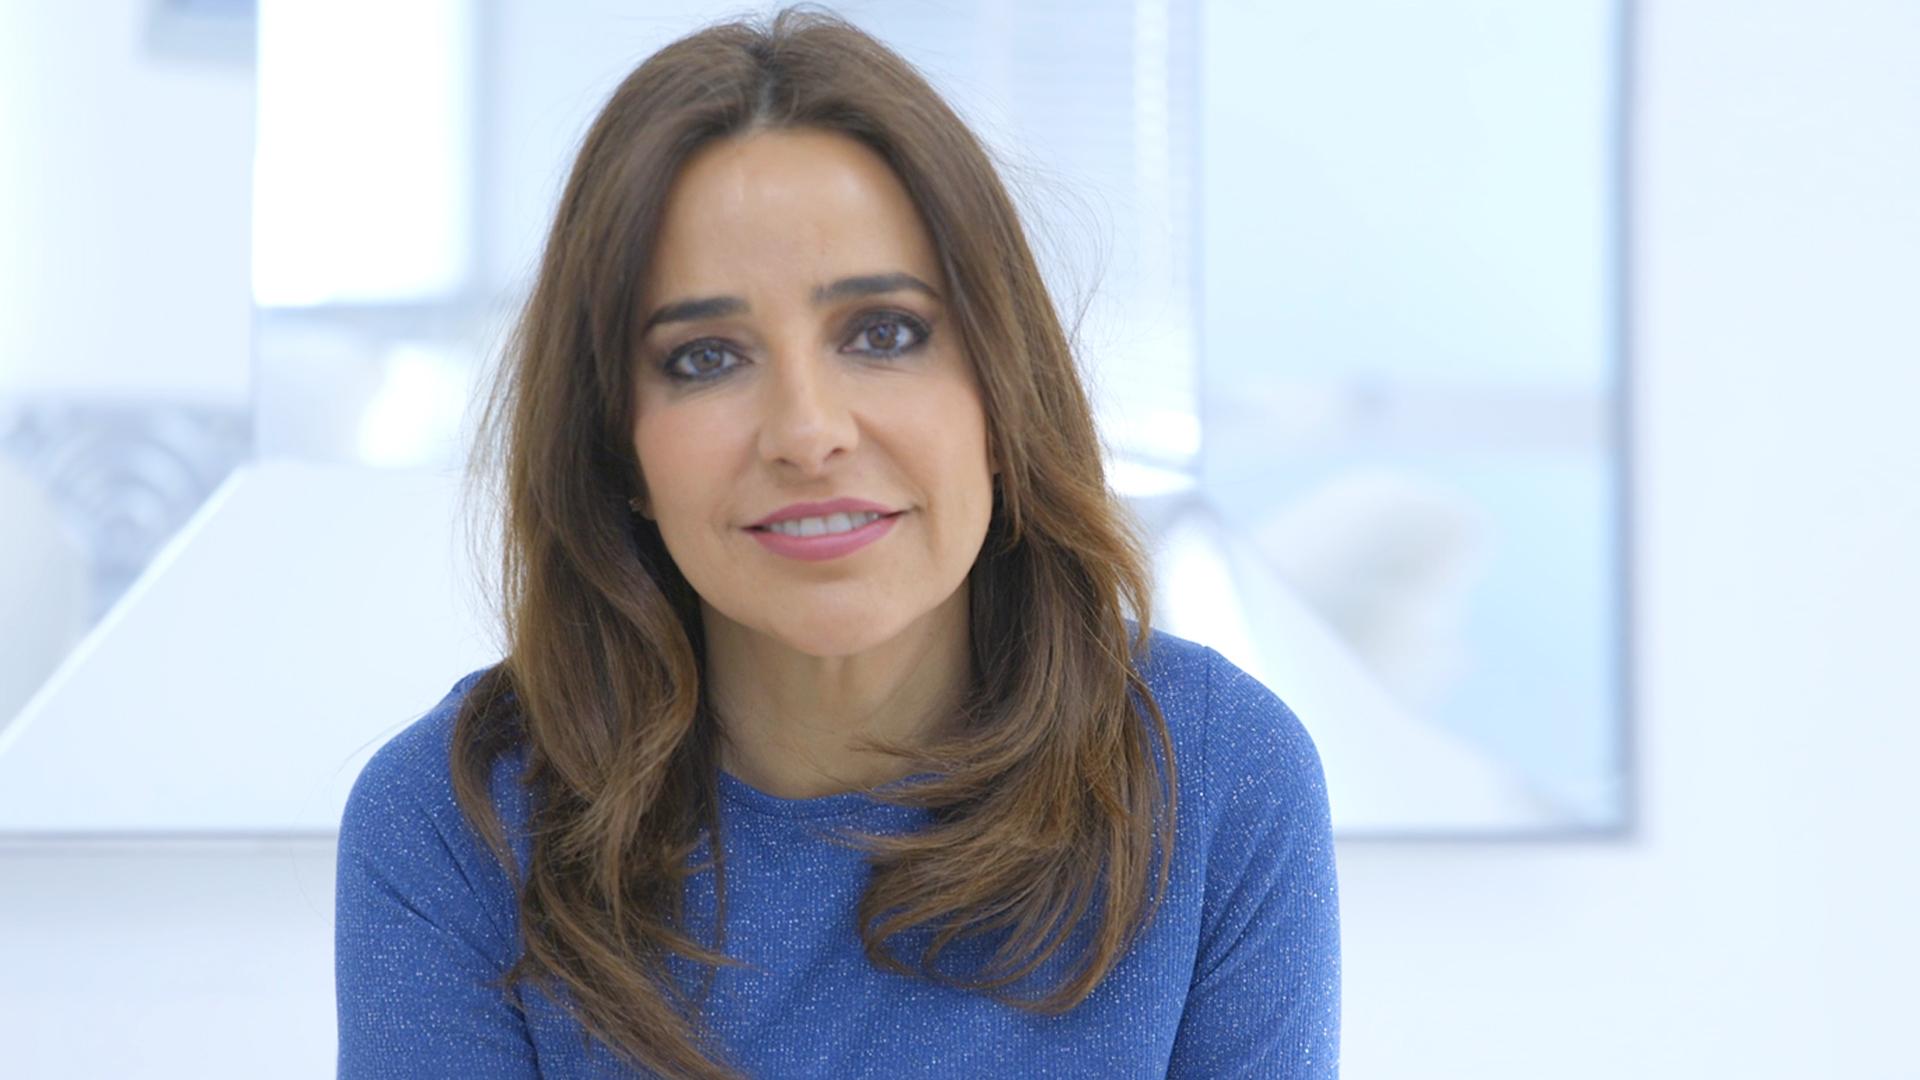 ¿Cómo consigue Carmen Alcayde su Efecto Buena Cara en menos de 30 minutos?